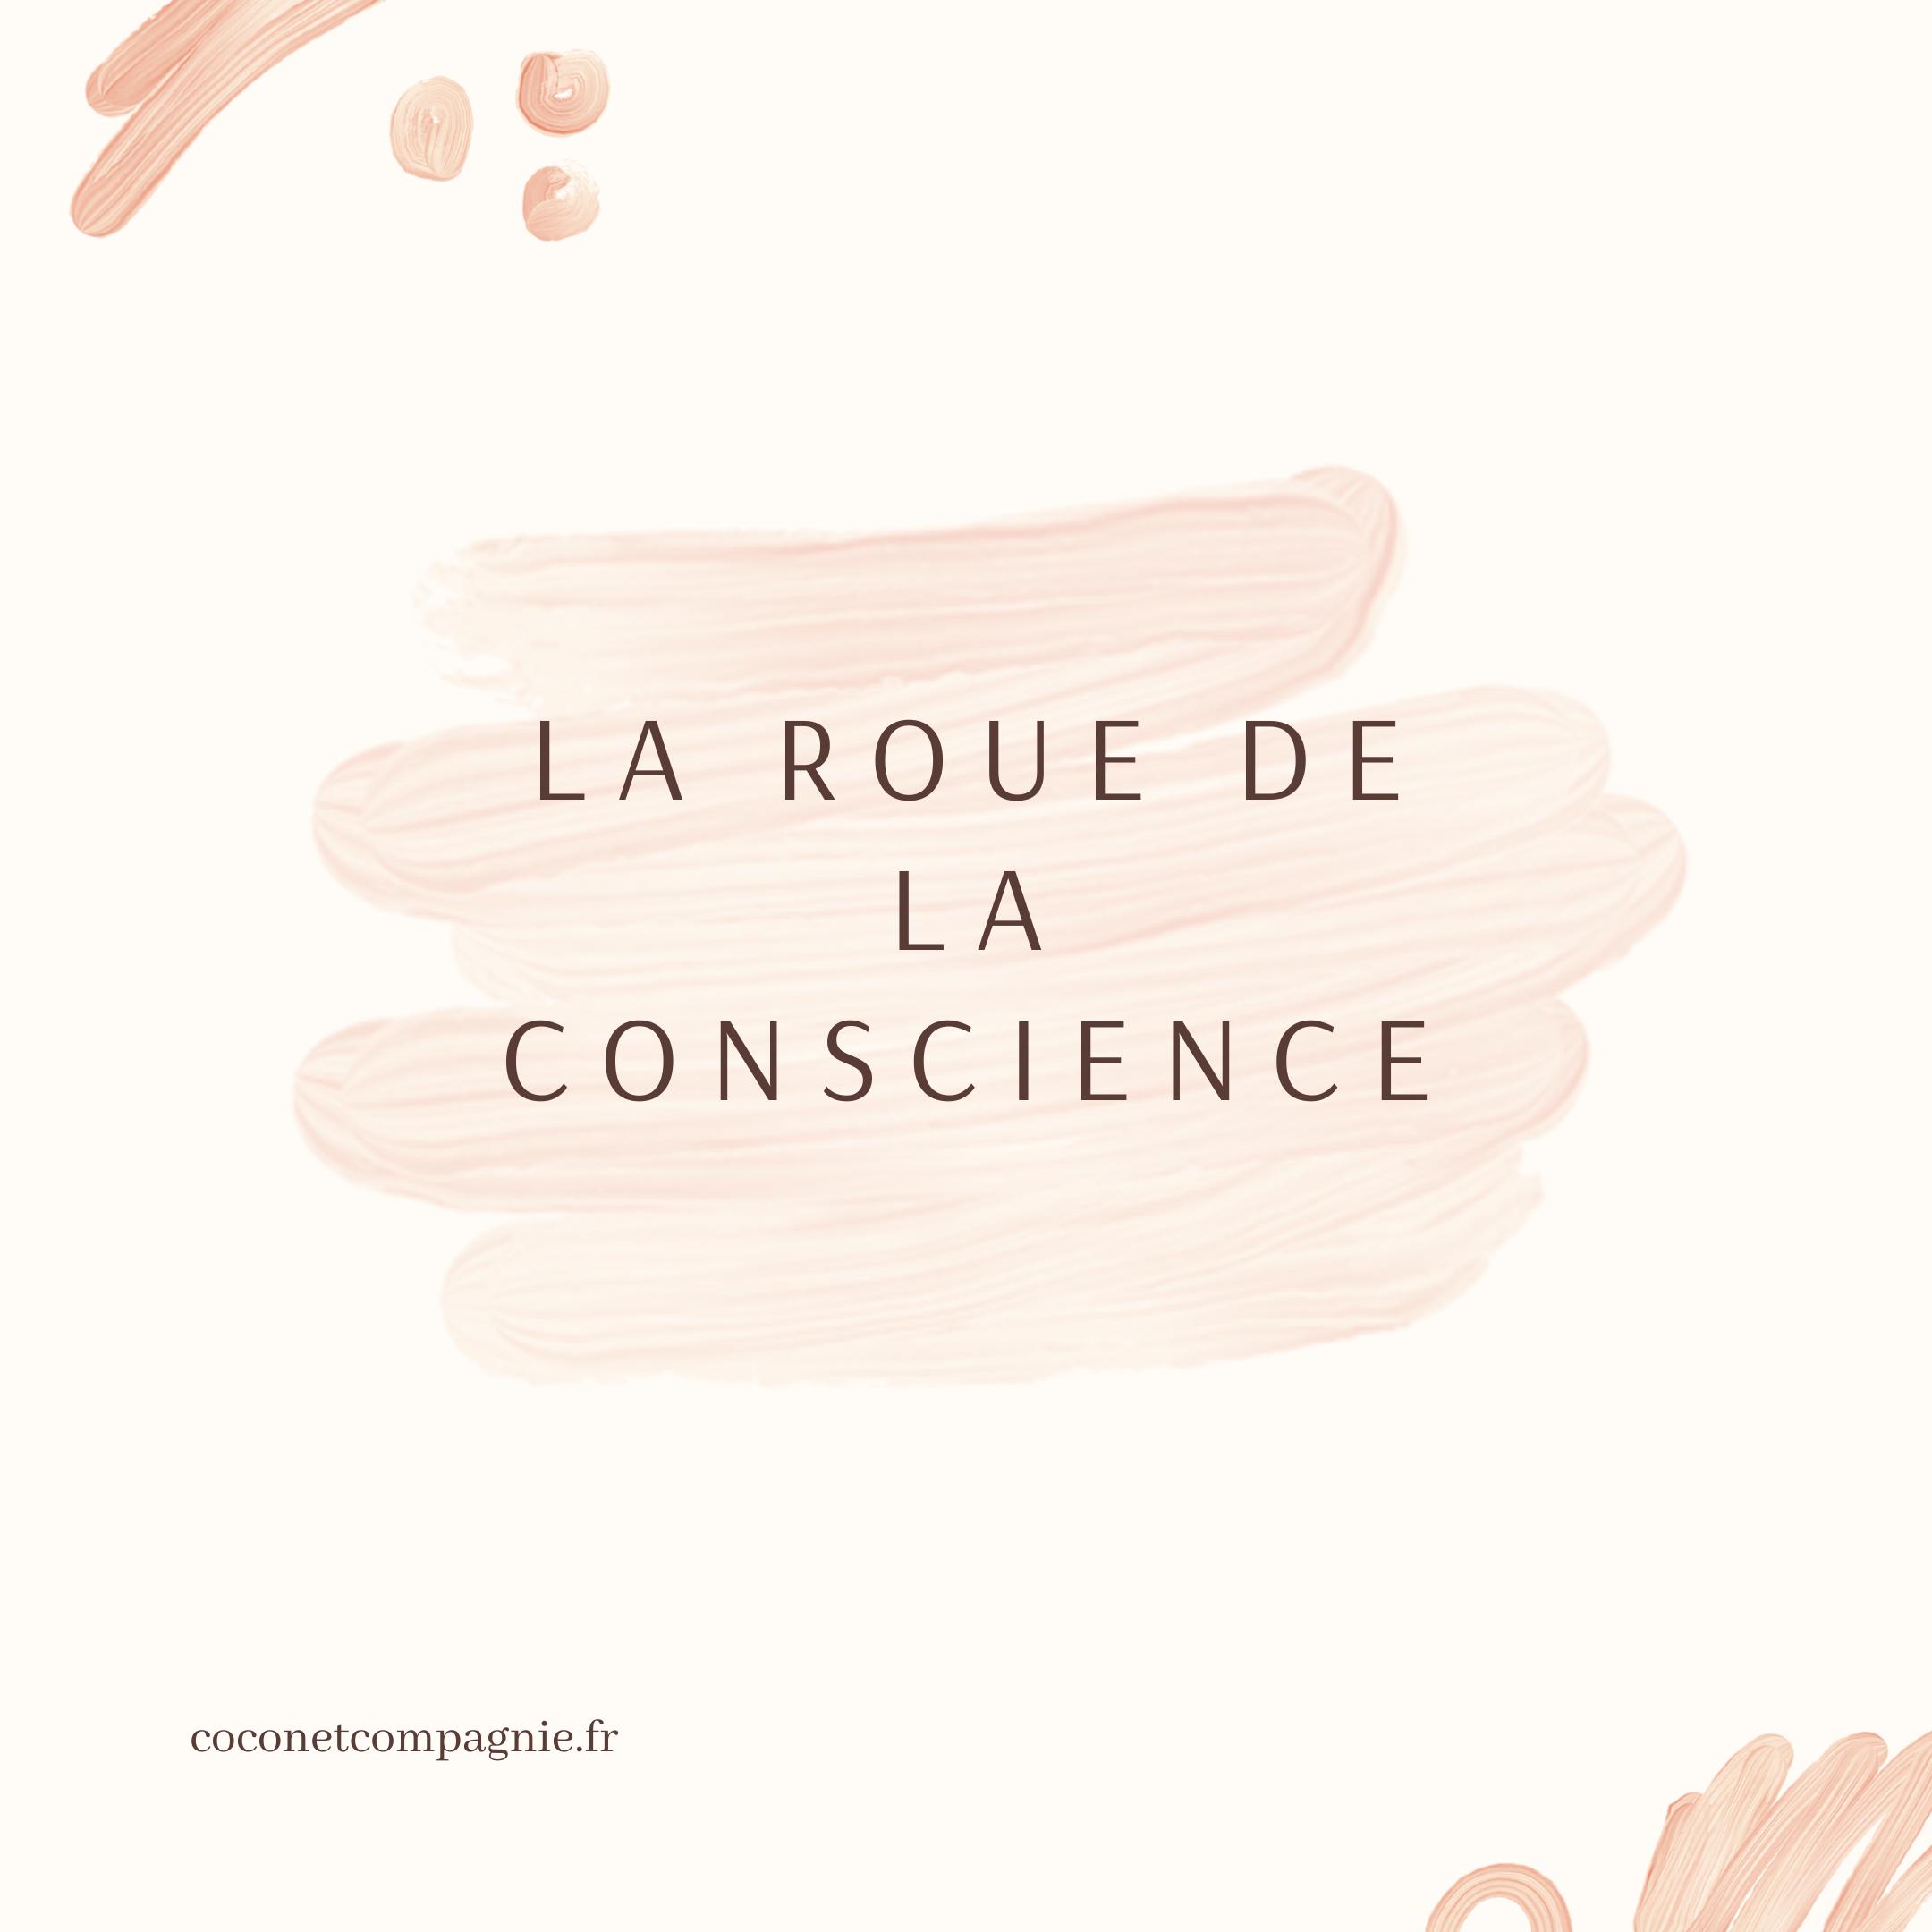 roue de la conscience